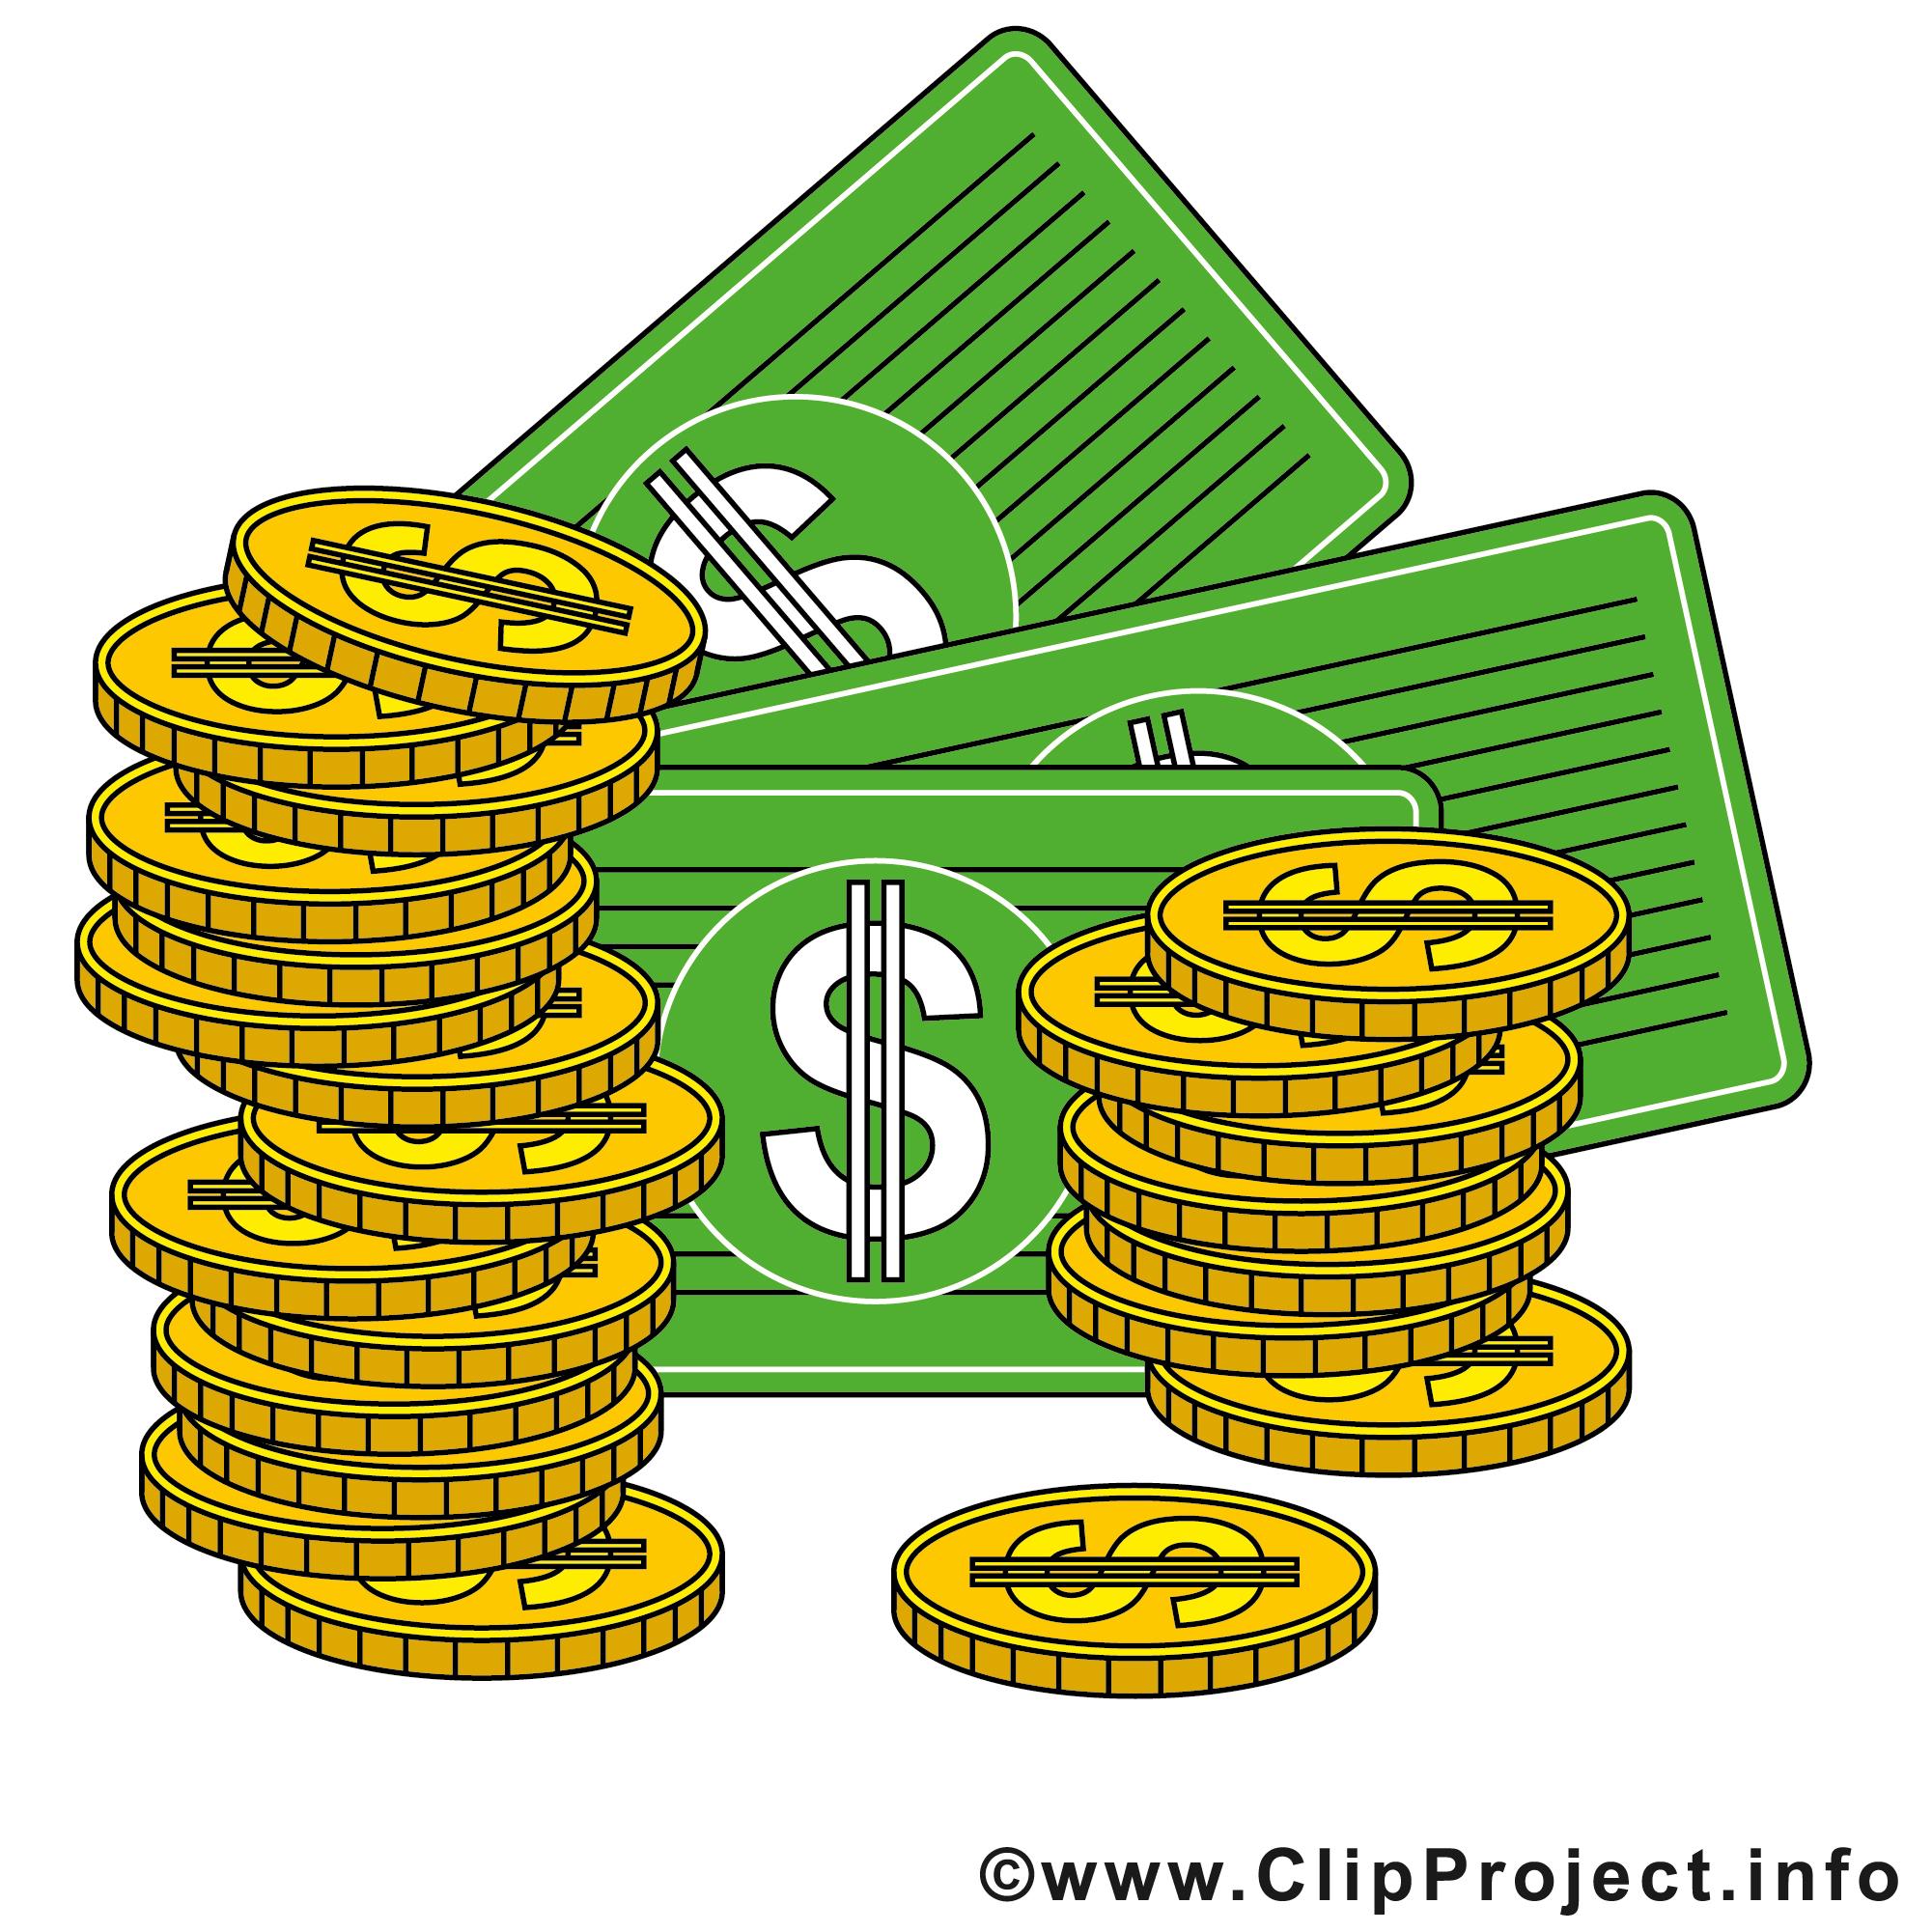 Money clip art images free clipart images 3.